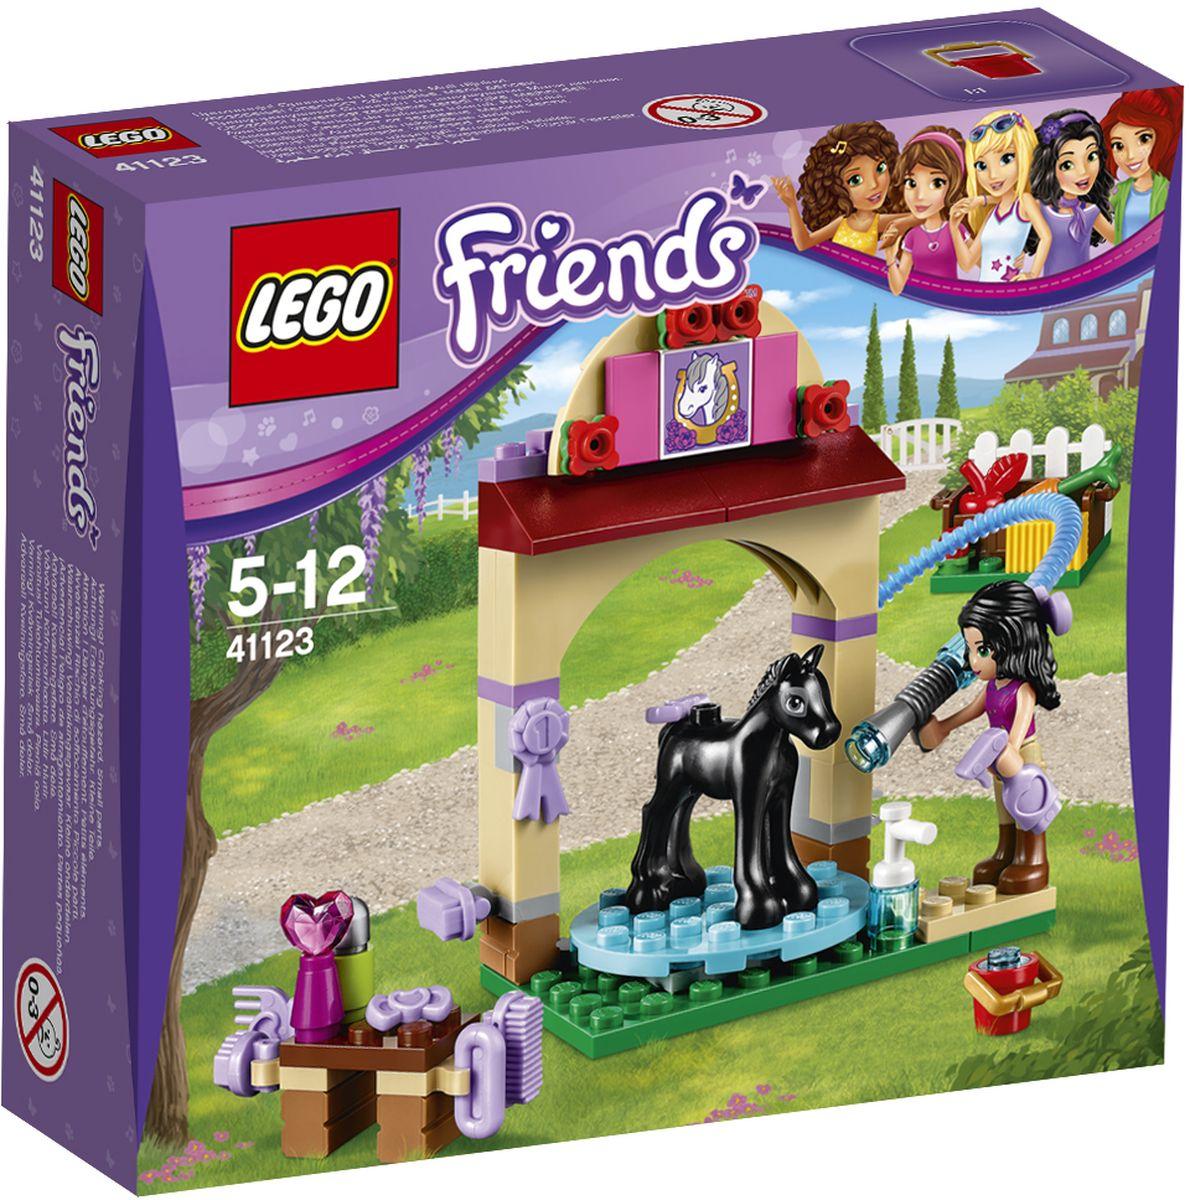 LEGO Friends Конструктор Салон для жеребят 4112341123Эмма готовит жеребенка Алмаза к его первой выставке лошадей. Хорошо вымойте жеребенка с помощью шланга и специального шампуня для лошадей, а затем причешите его с помощью щеток и расчесок. Затем дайте Алмазу яблоко и приколите бантик на гриву - он так хорошо себя вел! Набор включает в себя 77 разноцветных пластиковых элементов. Конструктор - это один из самых увлекательных и веселых способов времяпрепровождения. Ребенок сможет часами играть с конструктором, придумывая различные ситуации и истории.